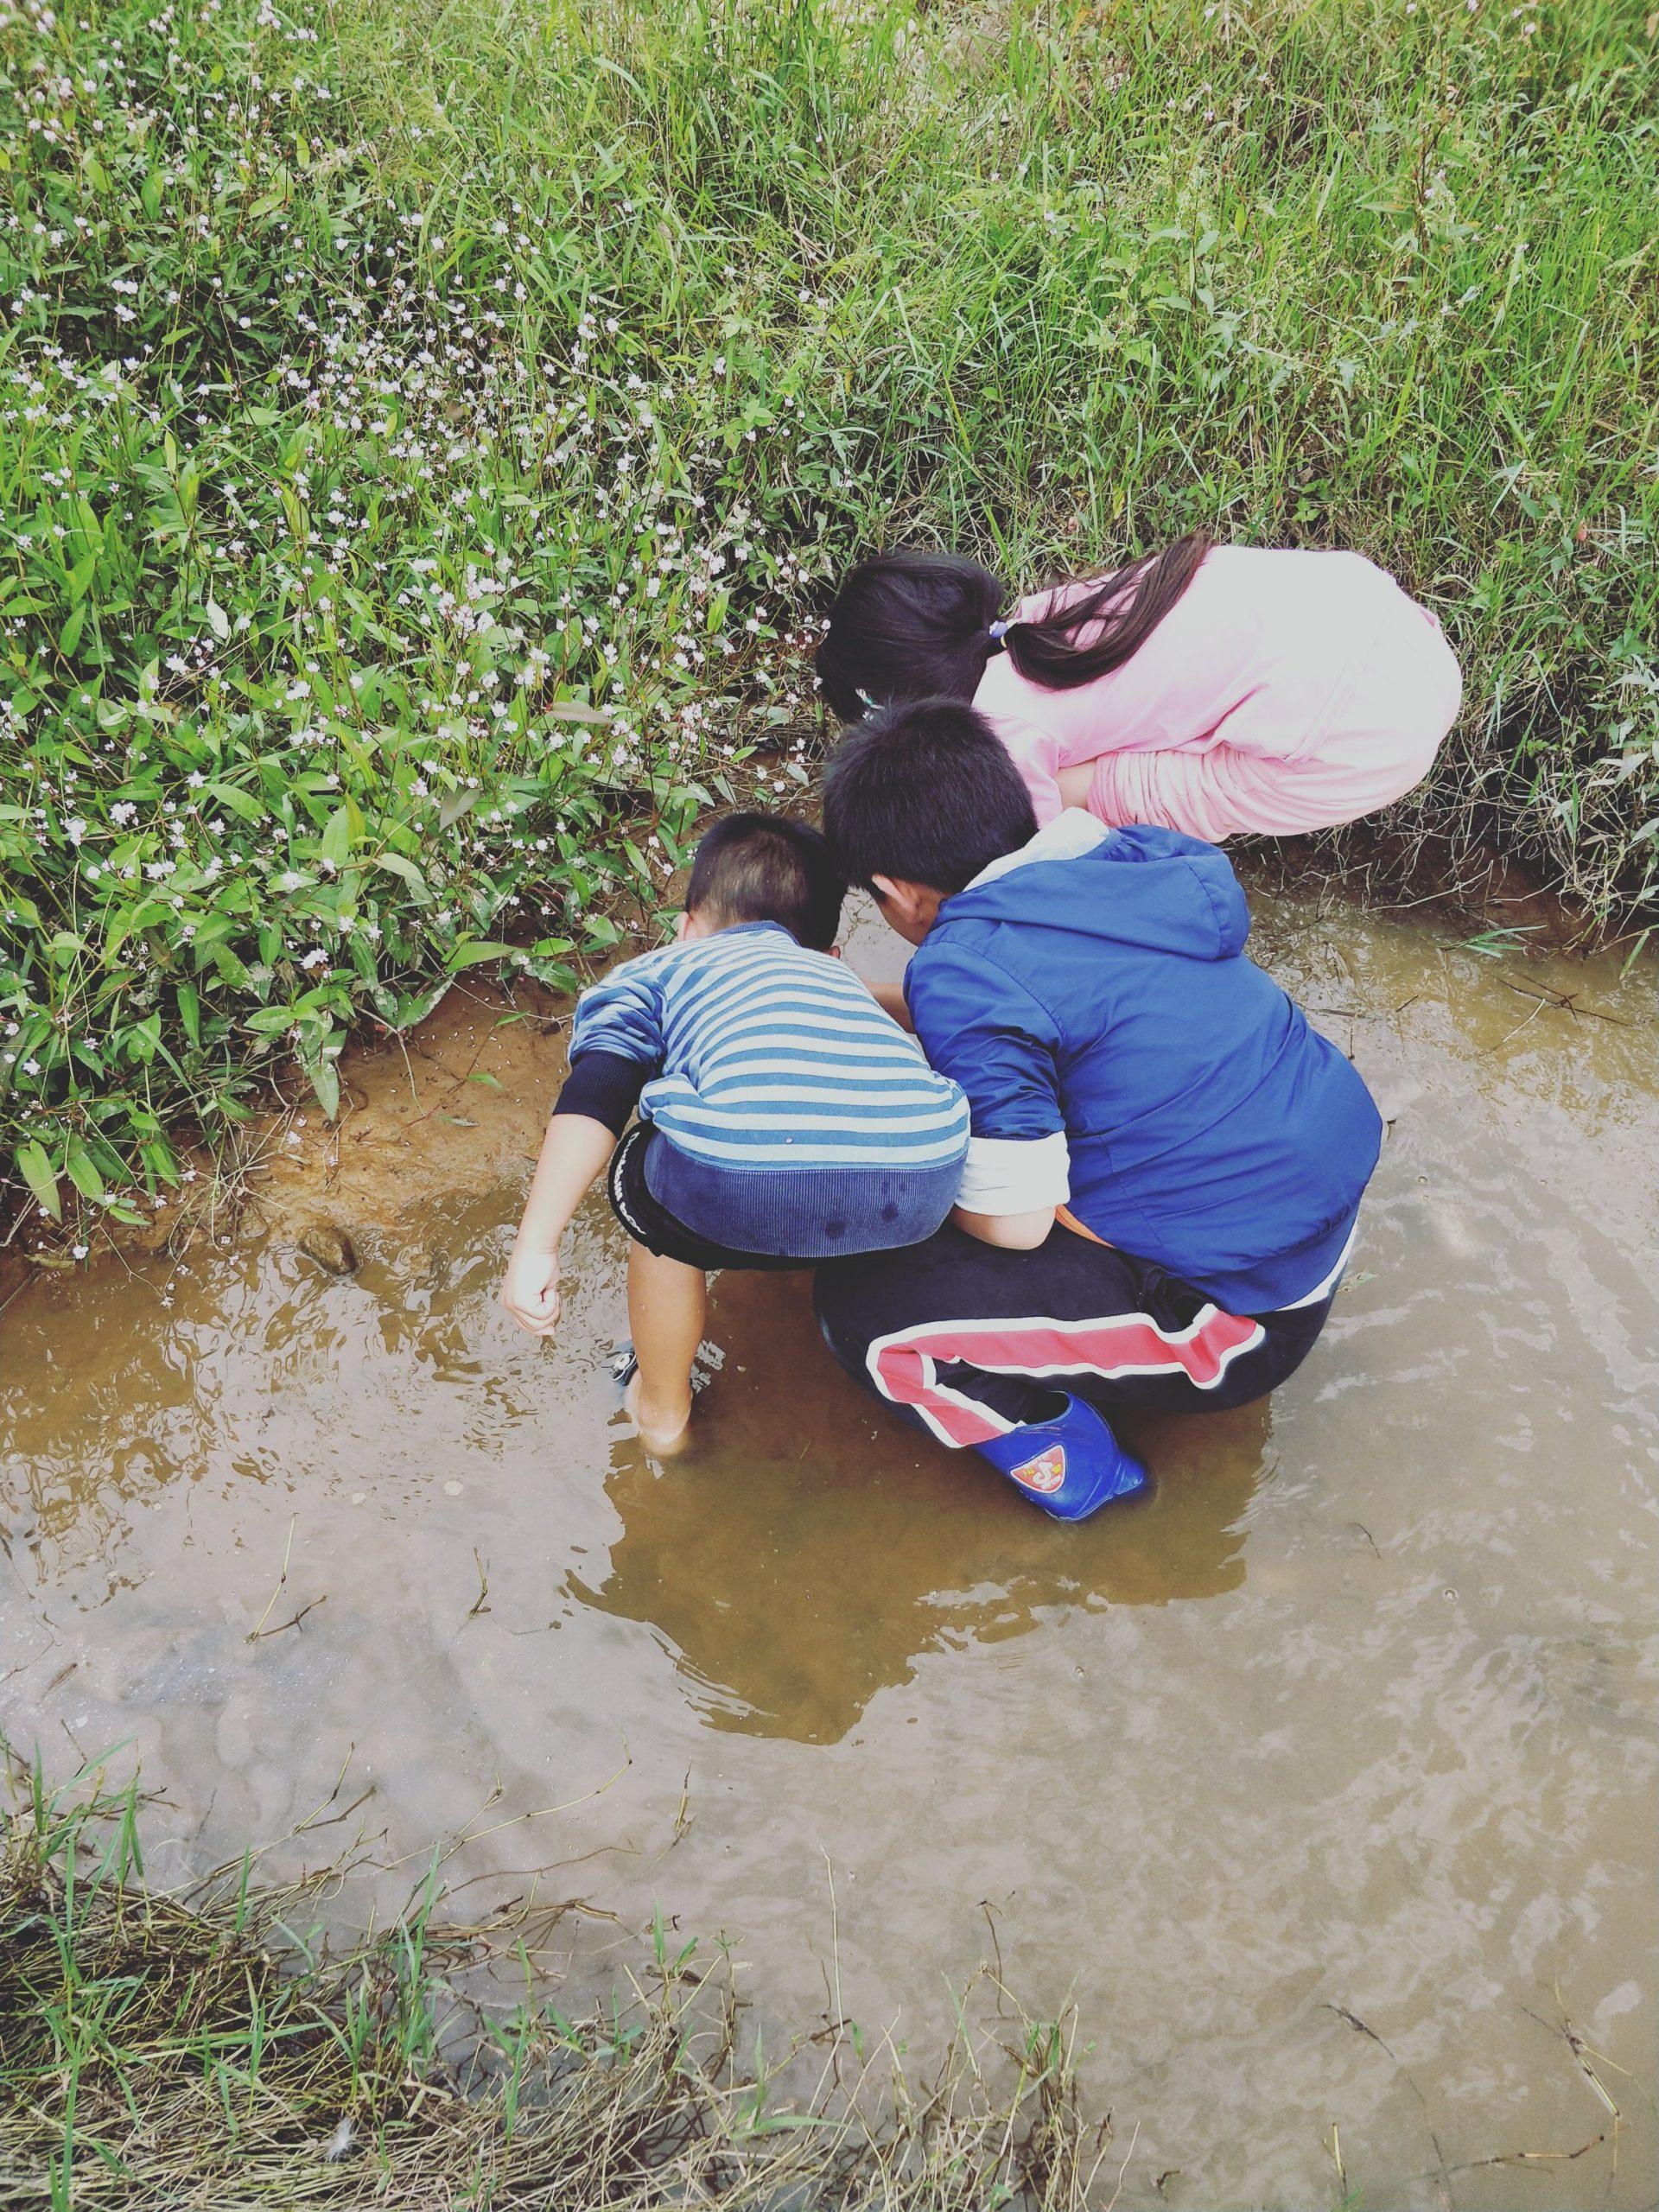 金井河里摸河蚌的学生